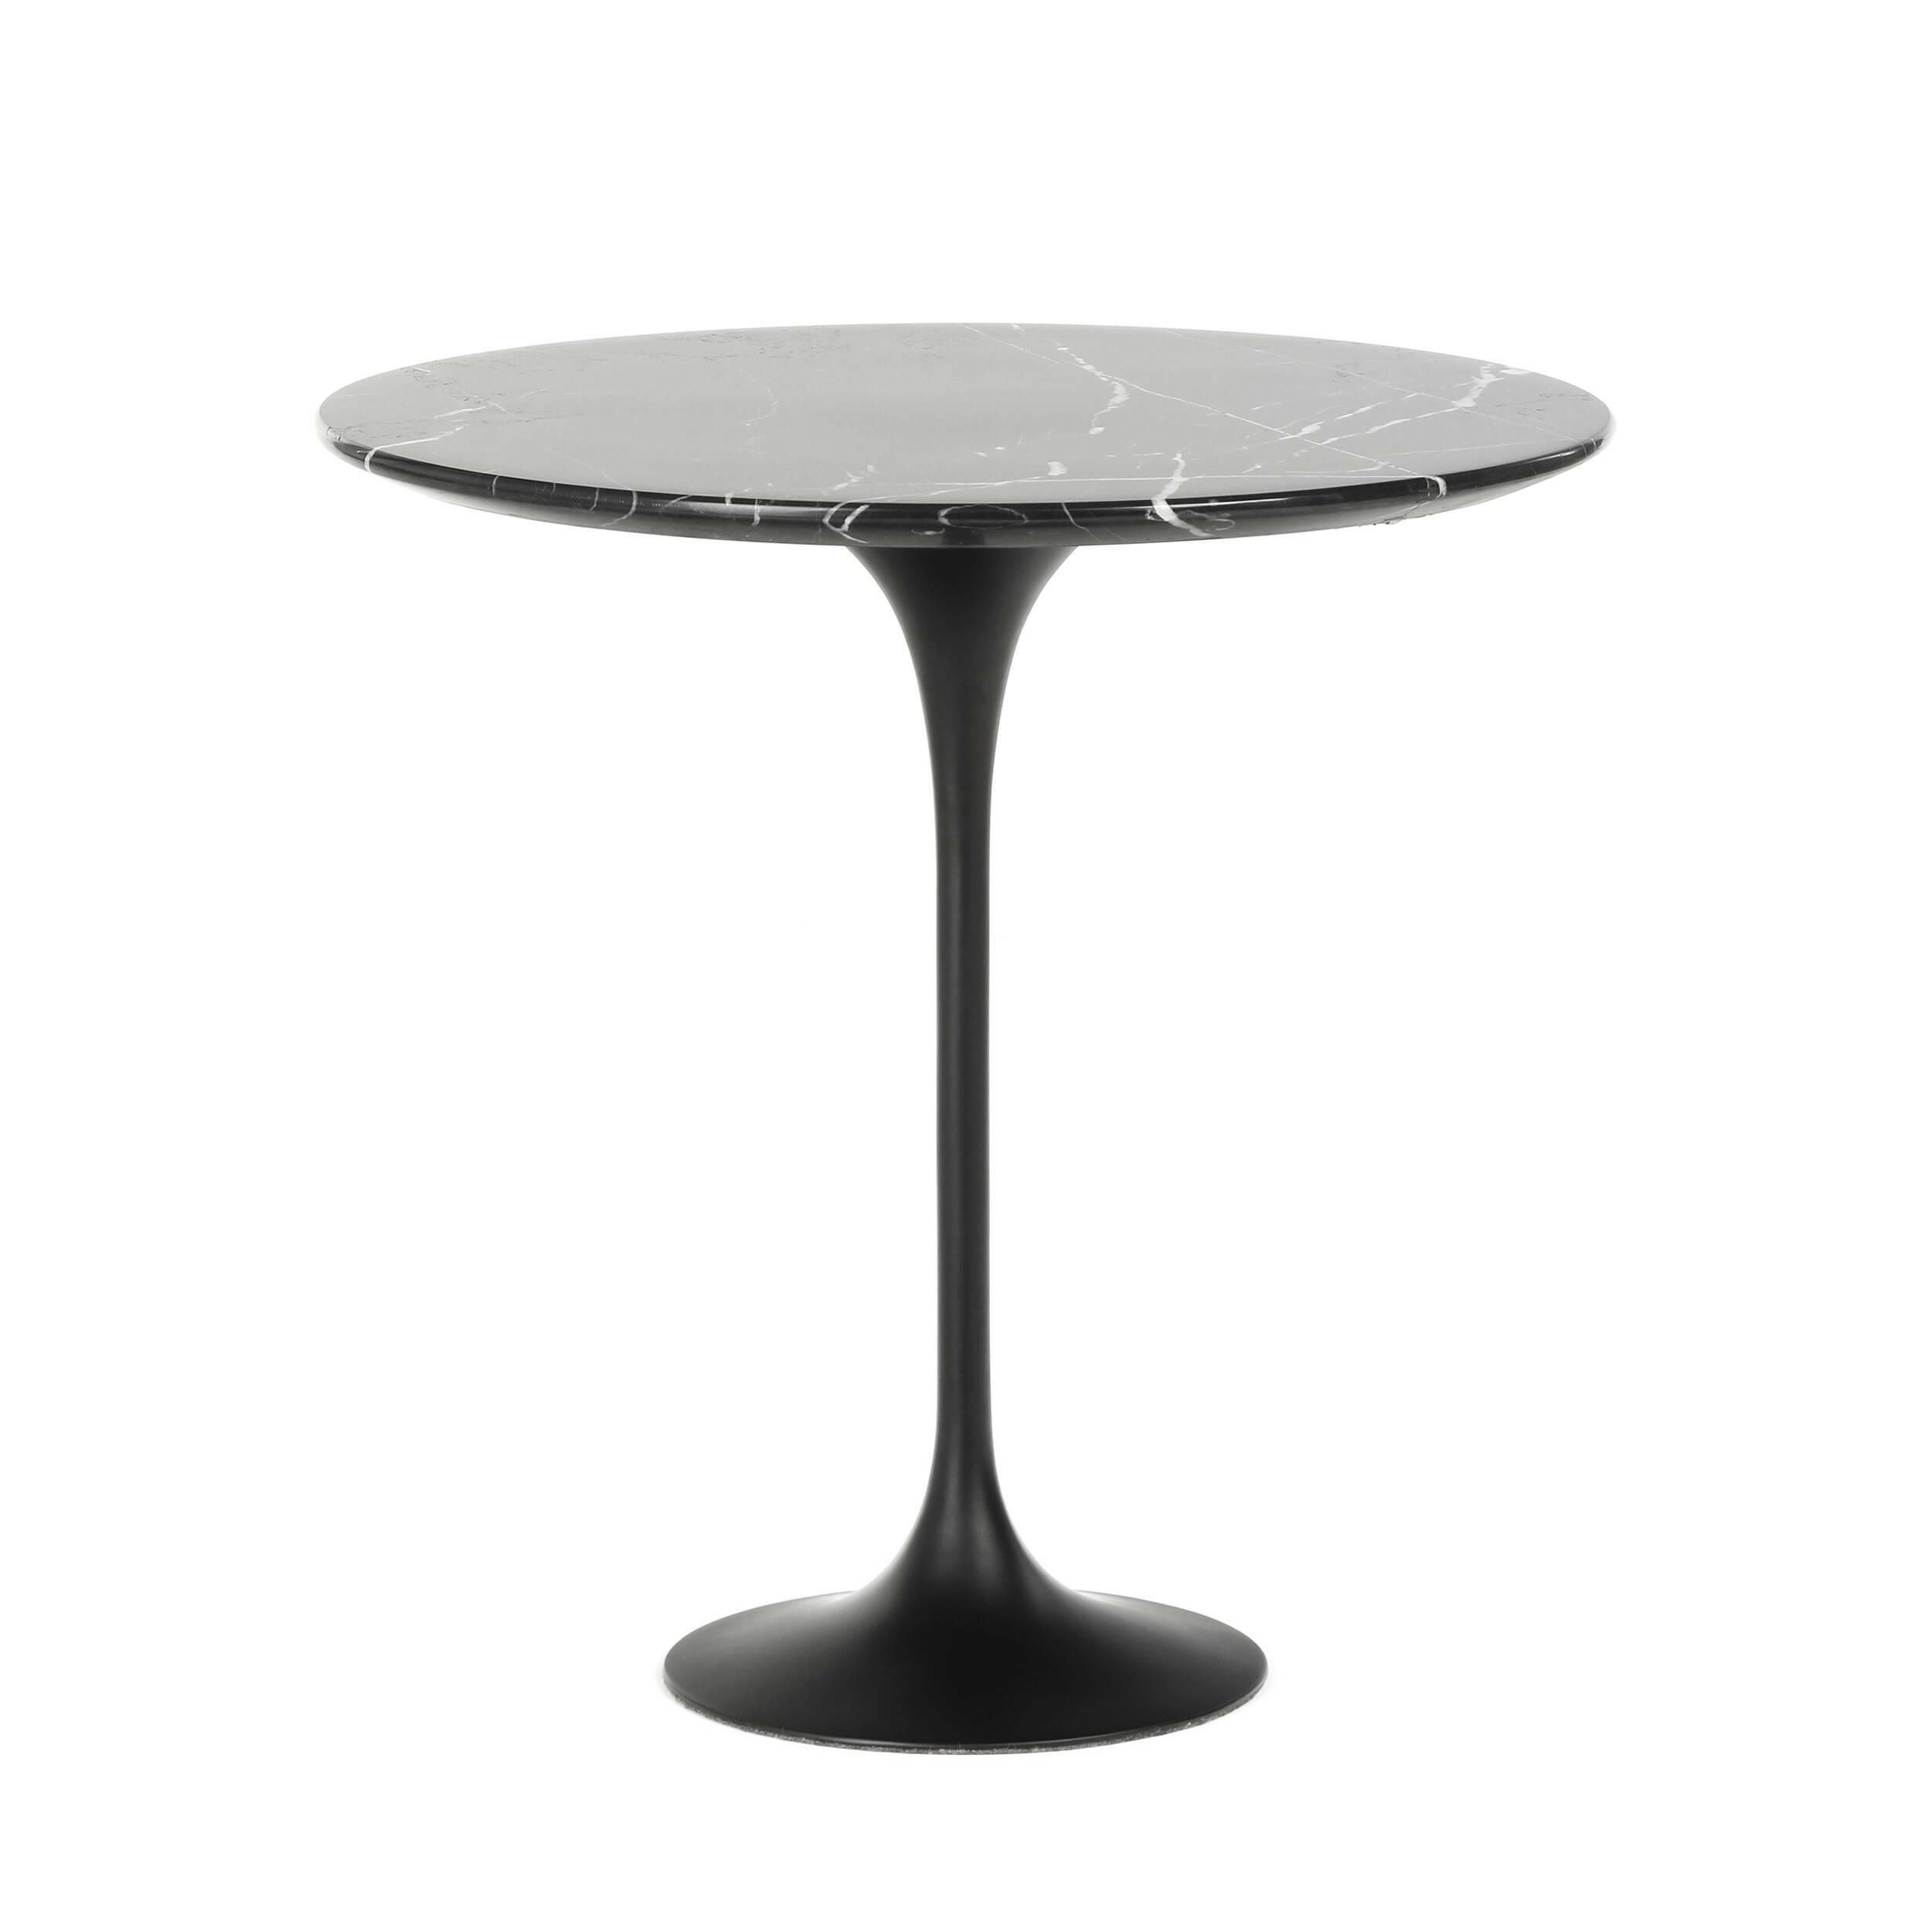 Кофейный стол Tulip с мраморной столешницей высота 52Кофейные столики<br>Дизайнерский кофейный круглый стол Tulip (Тулип) высота 52 с мраморной столешницей на одной ножке от Cosmo (Космо).<br><br><br> У каждого знаменитого дизайнера прошлого столетия есть своя «формула вечного дизайна», а значит, есть и произведения дизайнерского искусства, которые уже много лет не выходят из моды, не теряют своей актуальности и востребованы по сей день. Оригинальный стол Tulip как раз был разработан при помощи такой формулы, которую вывел Ээро Сааринен, знаменитый американский архит...<br><br>stock: 8<br>Высота: 52,5<br>Диаметр: 52<br>Цвет ножек: Черный матовый<br>Цвет столешницы: Черный<br>Материал столешницы: Мрамор китайский<br>Тип материала столешницы: Мрамор<br>Тип материала ножек: Алюминий